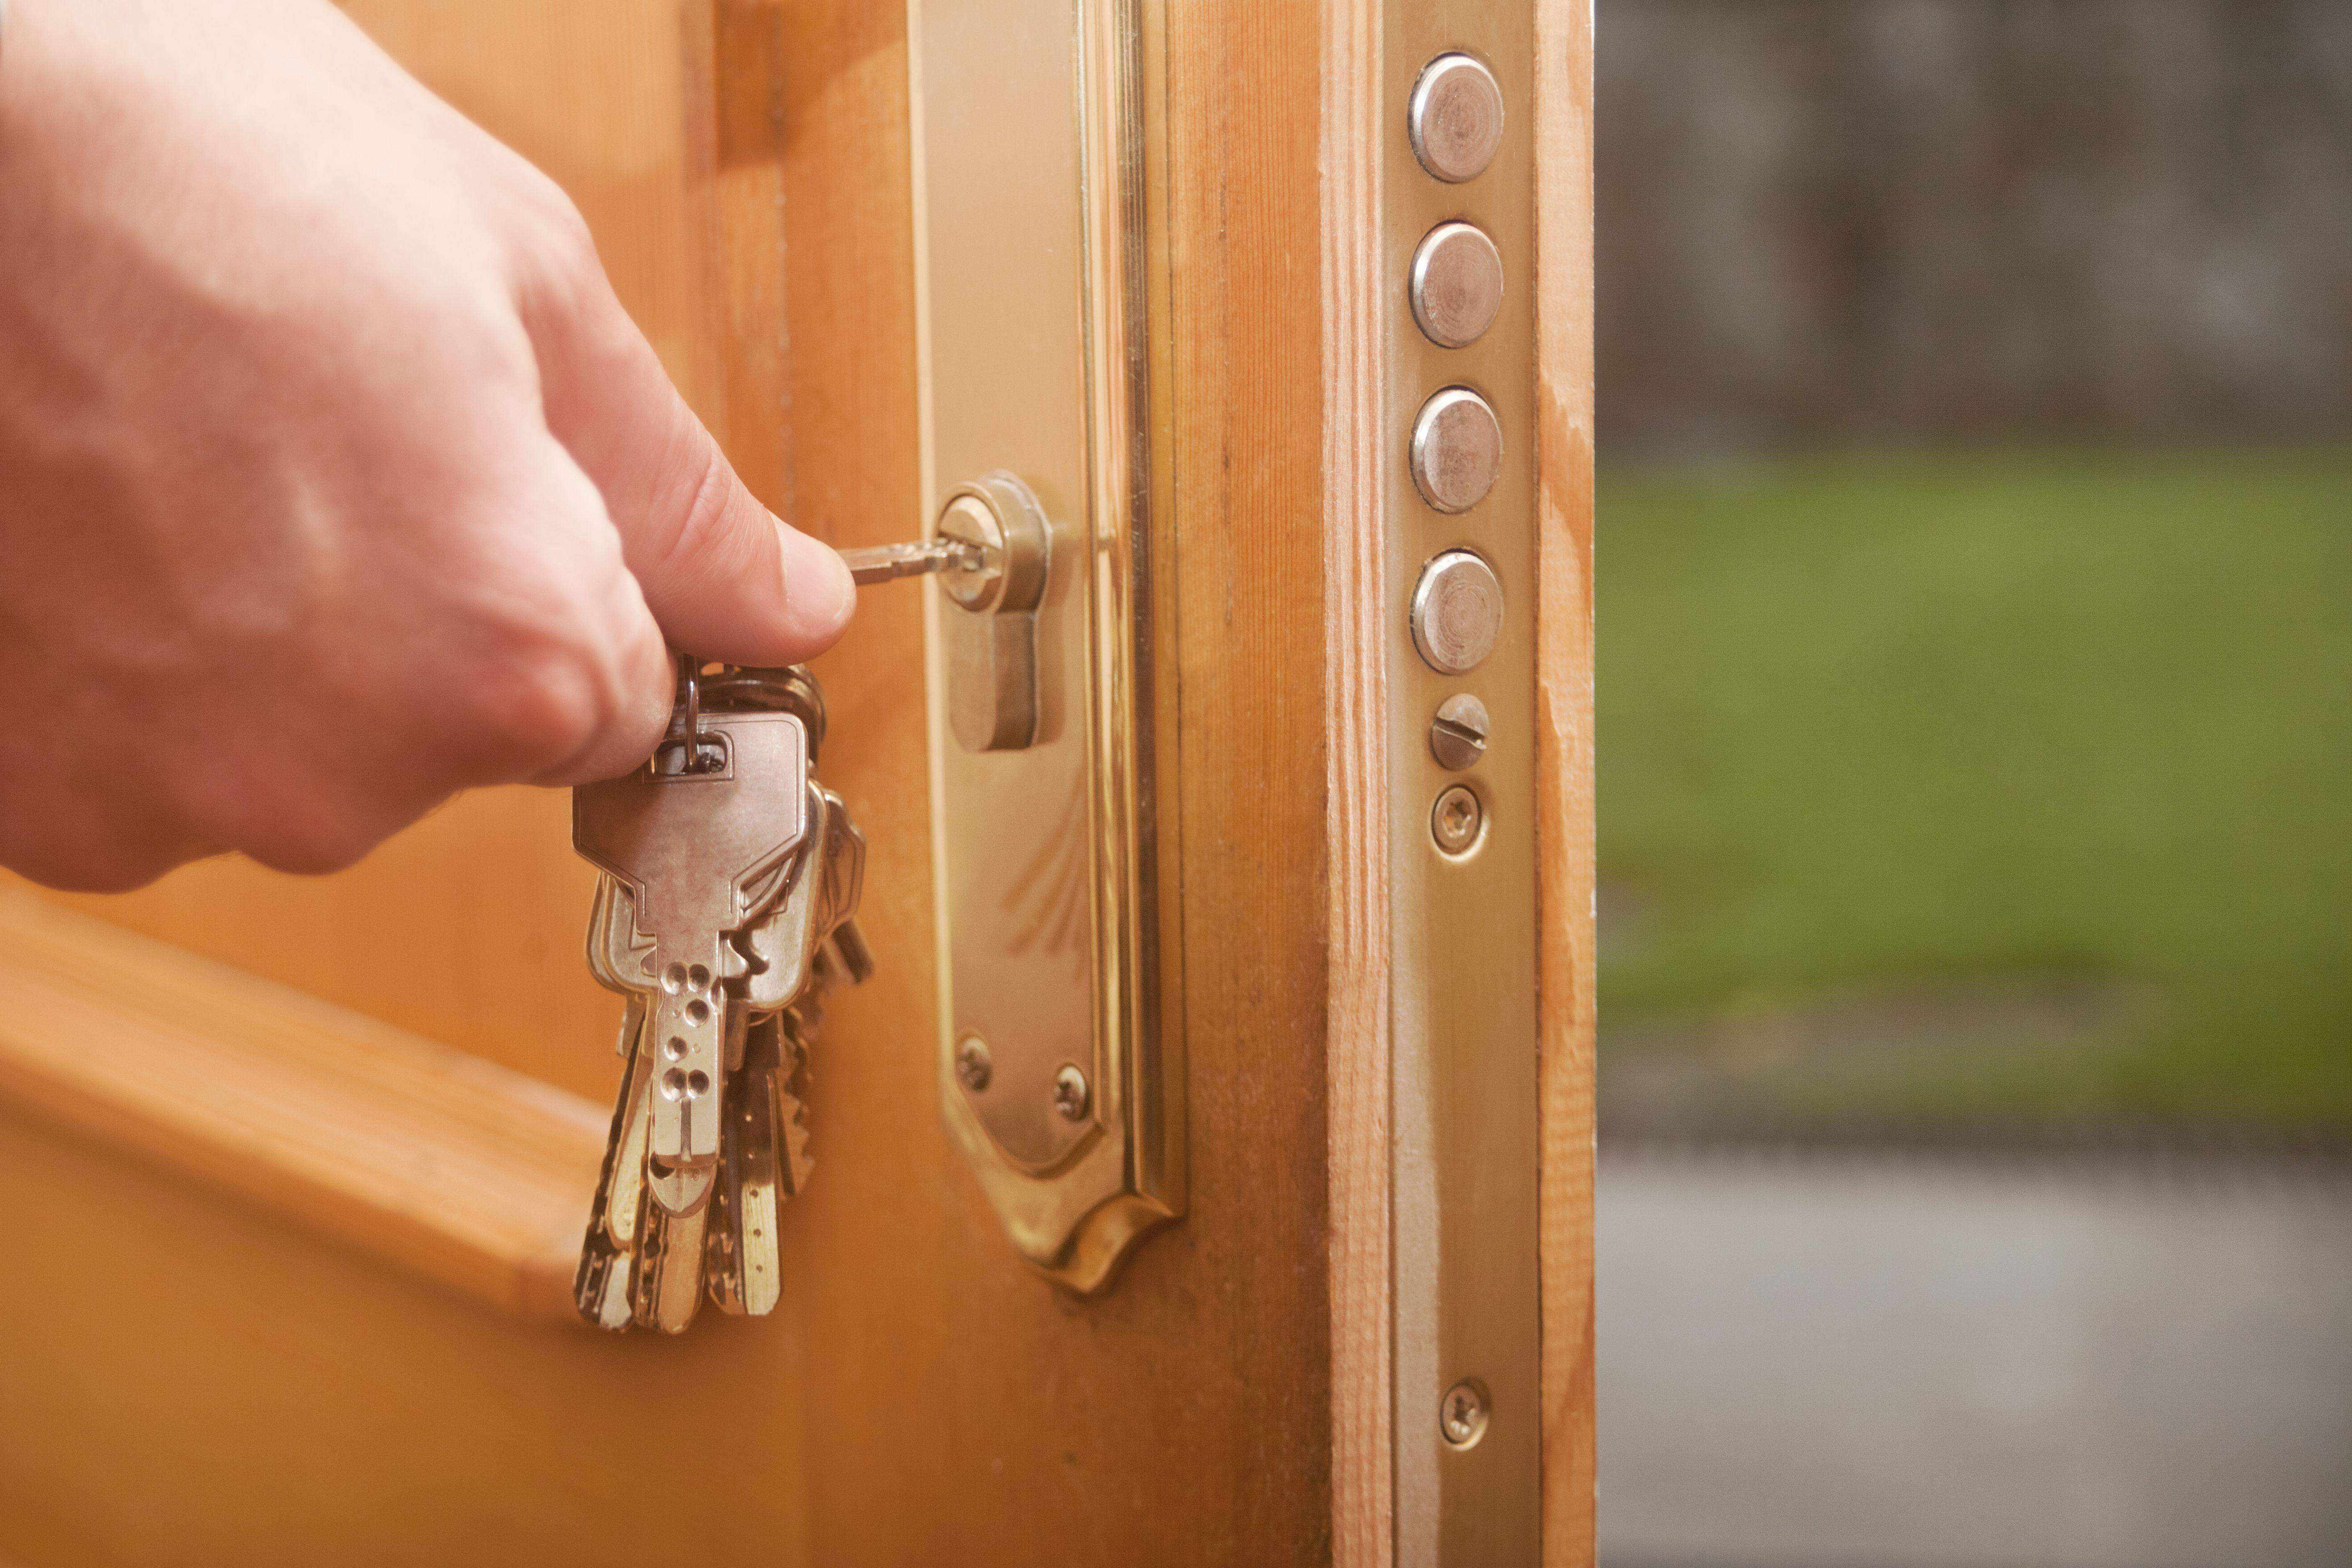 Keys in the open door, male hand placing keys in lock, closing it, garden with green grass outside.